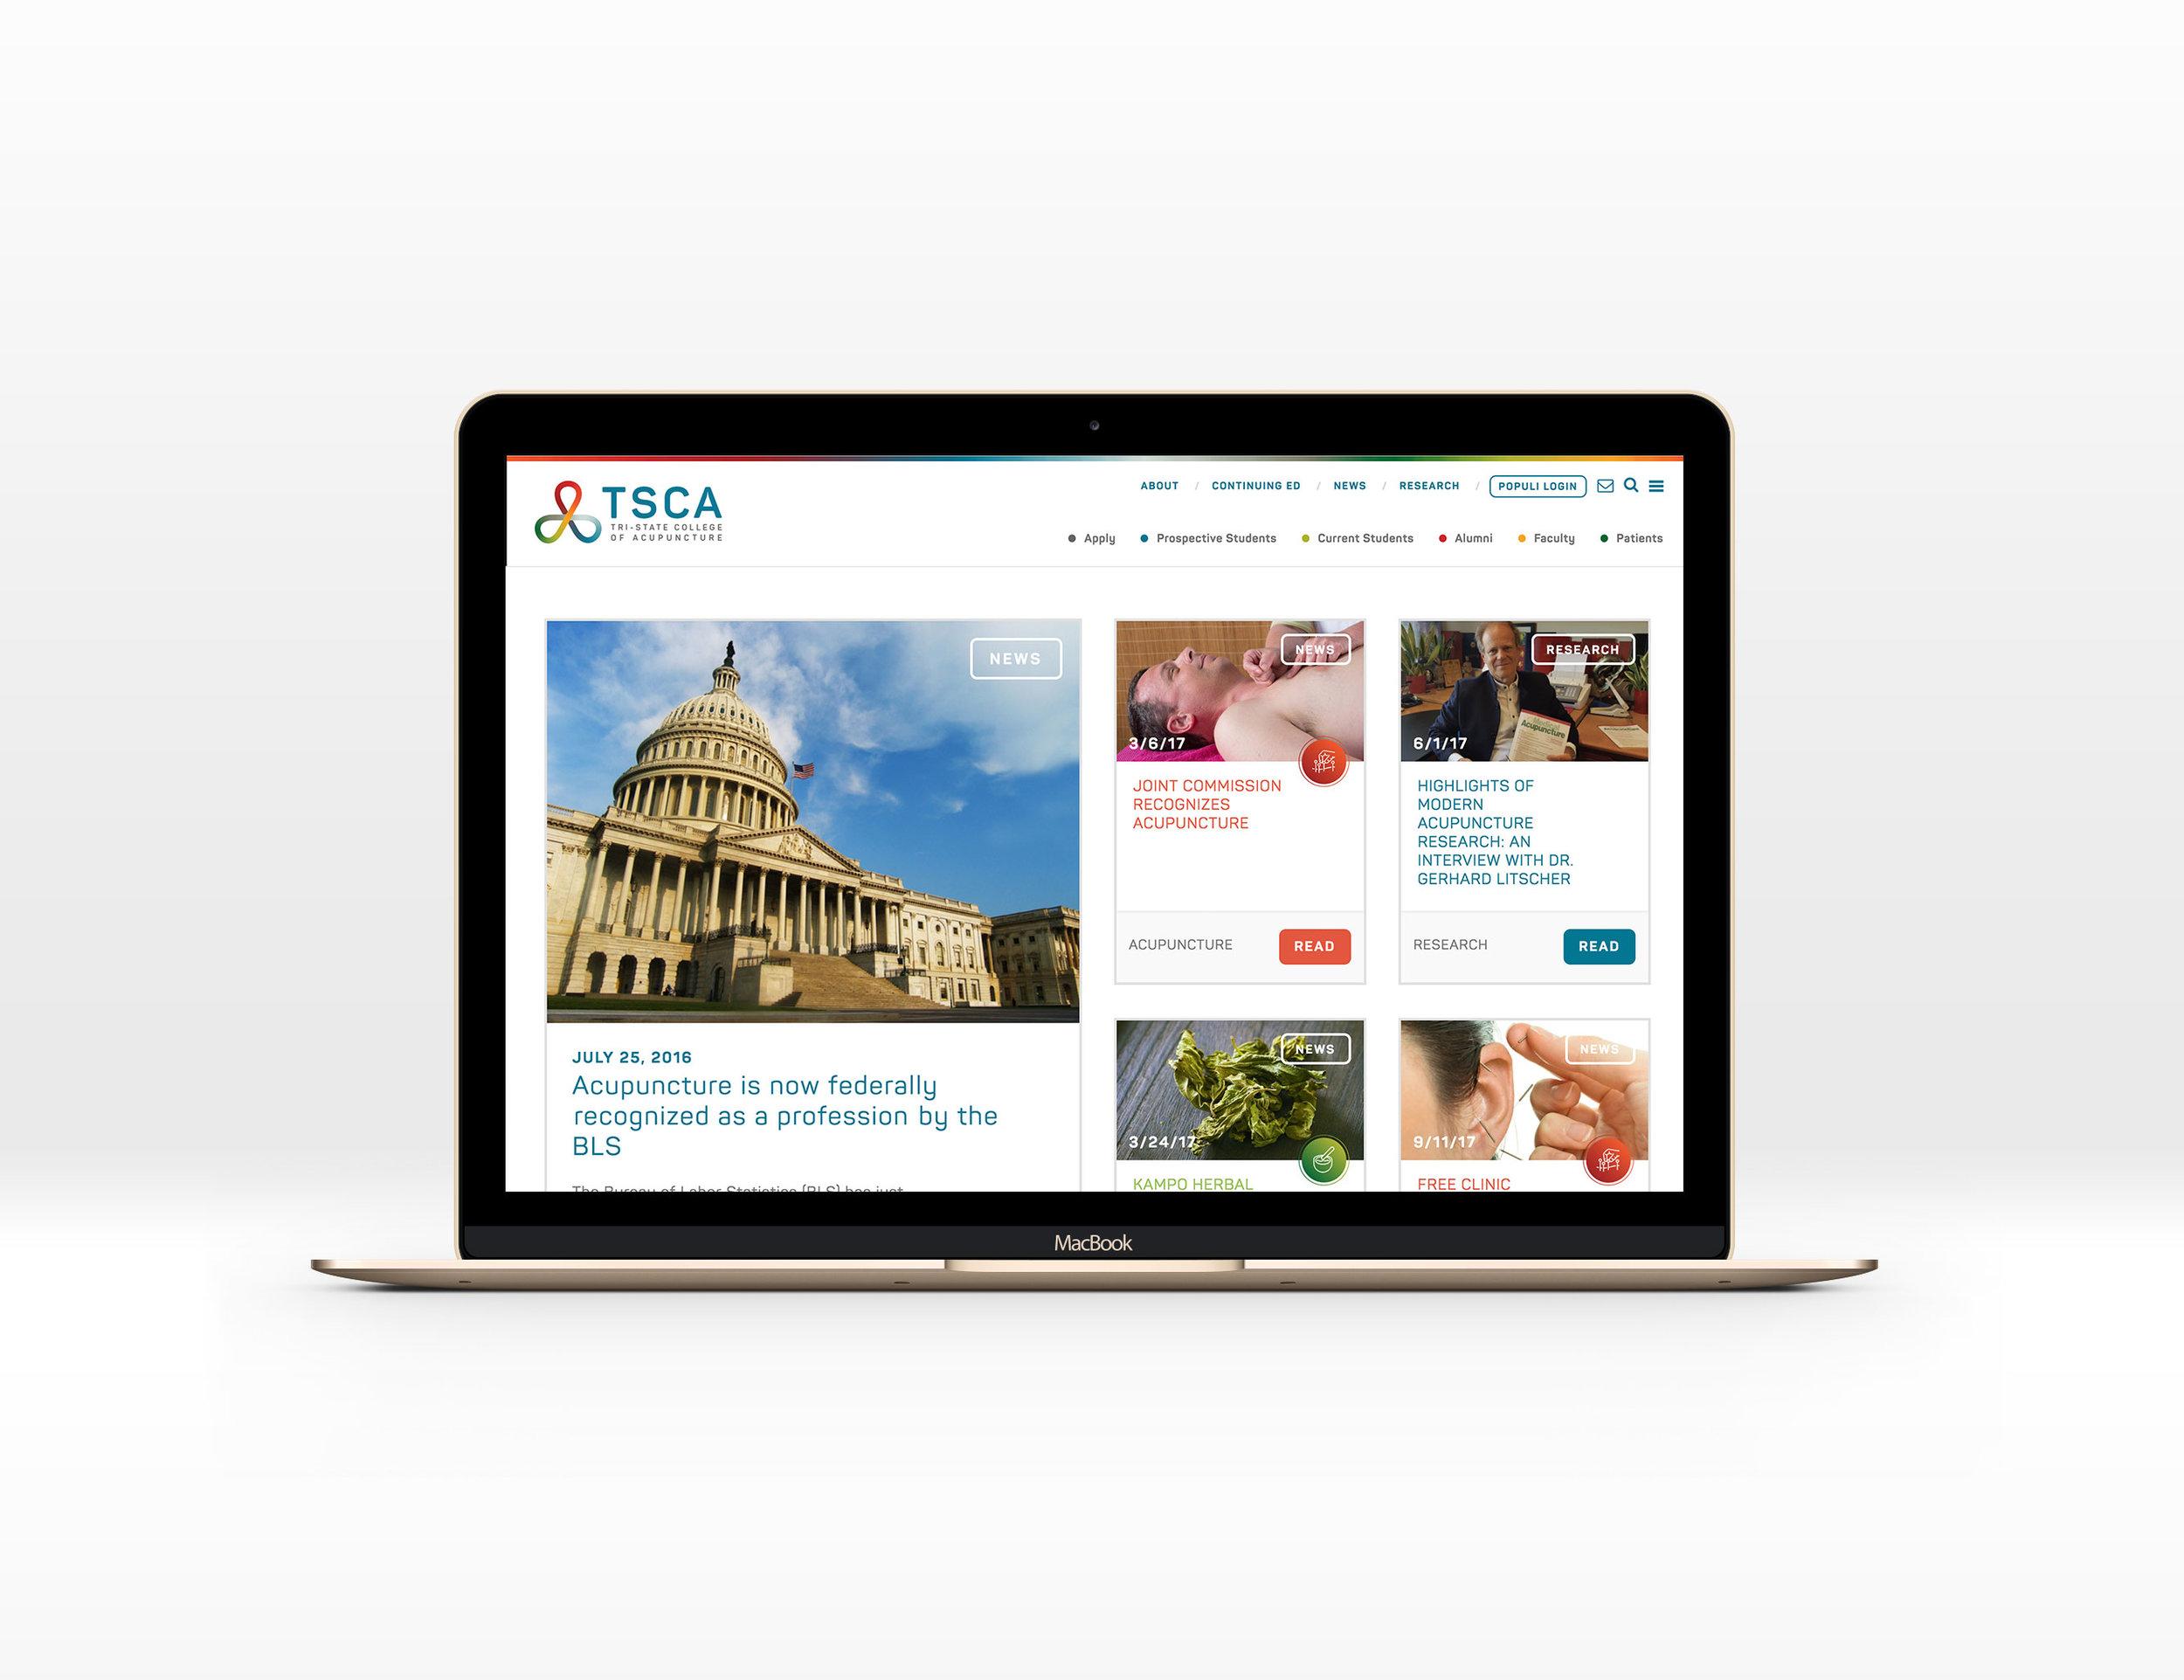 TSCA_Mockup_Website_2.jpg